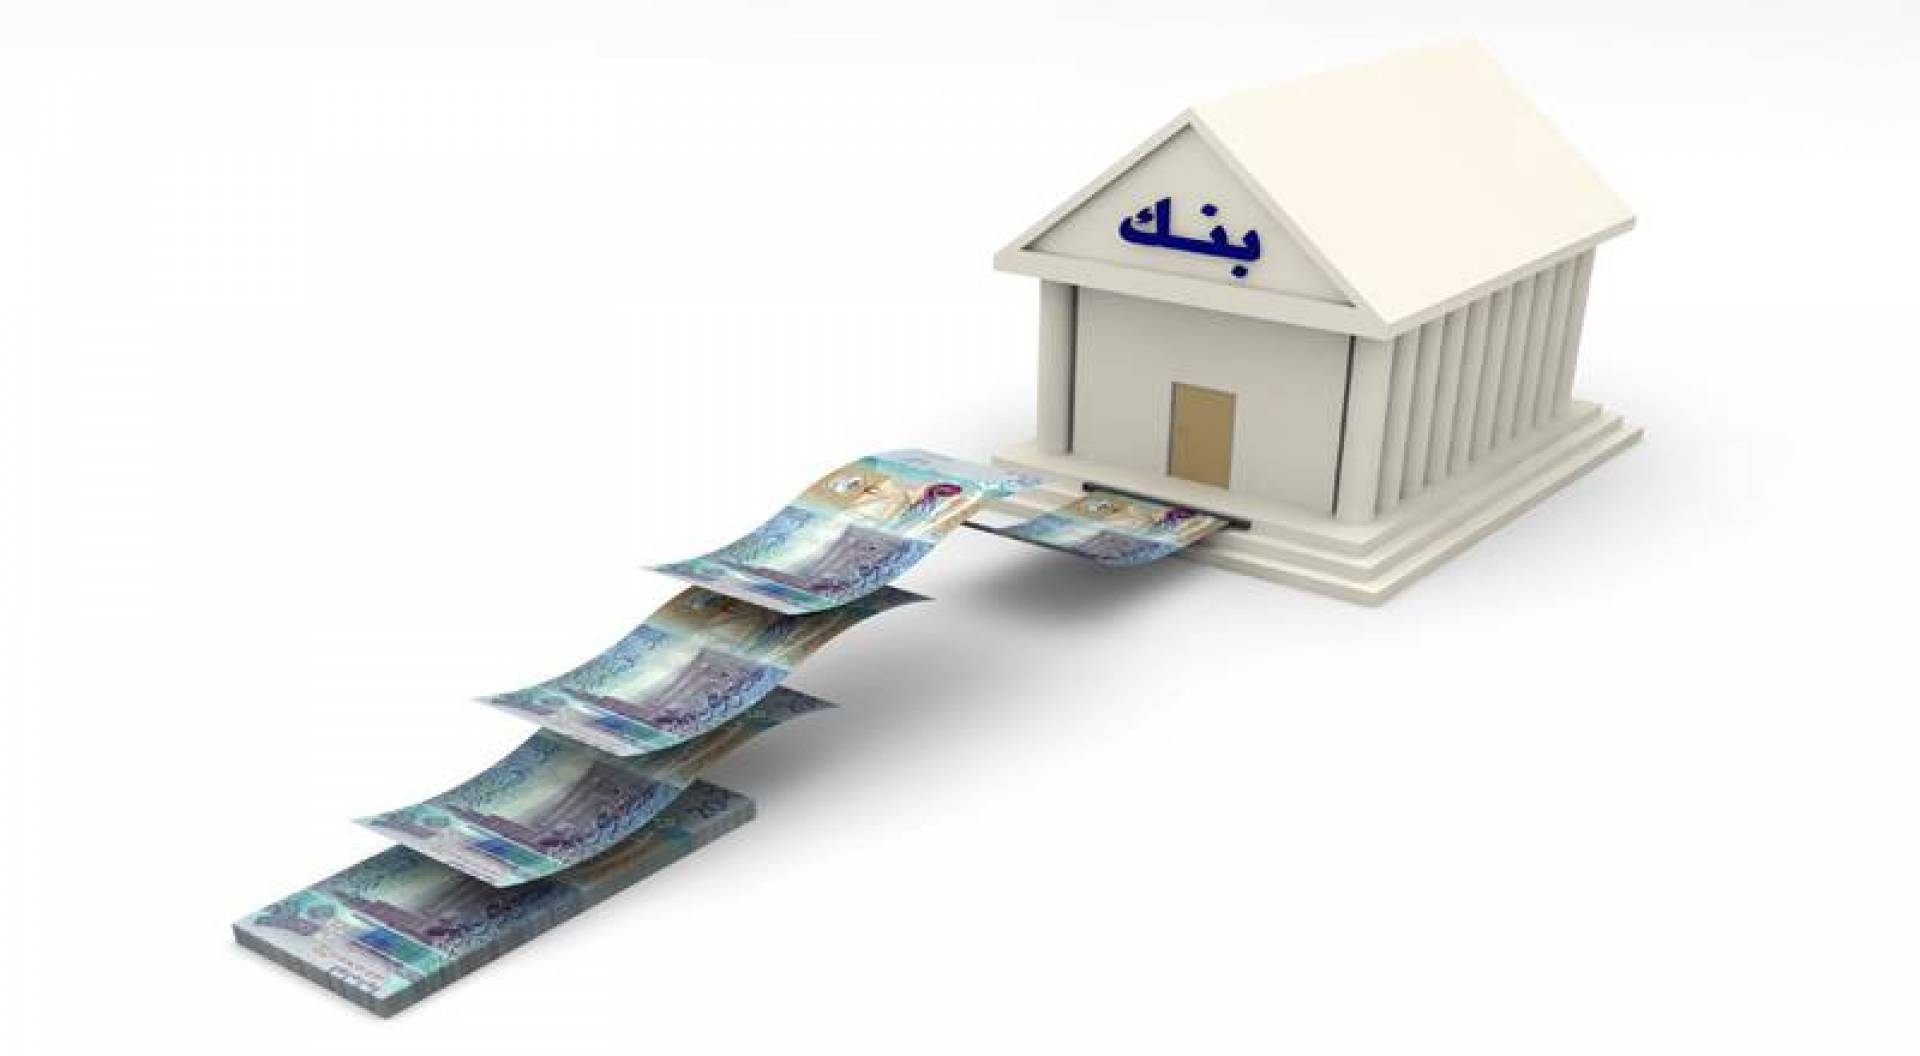 اتحاد المصارف يناقش «الرؤية التشريعية» مع البنوك